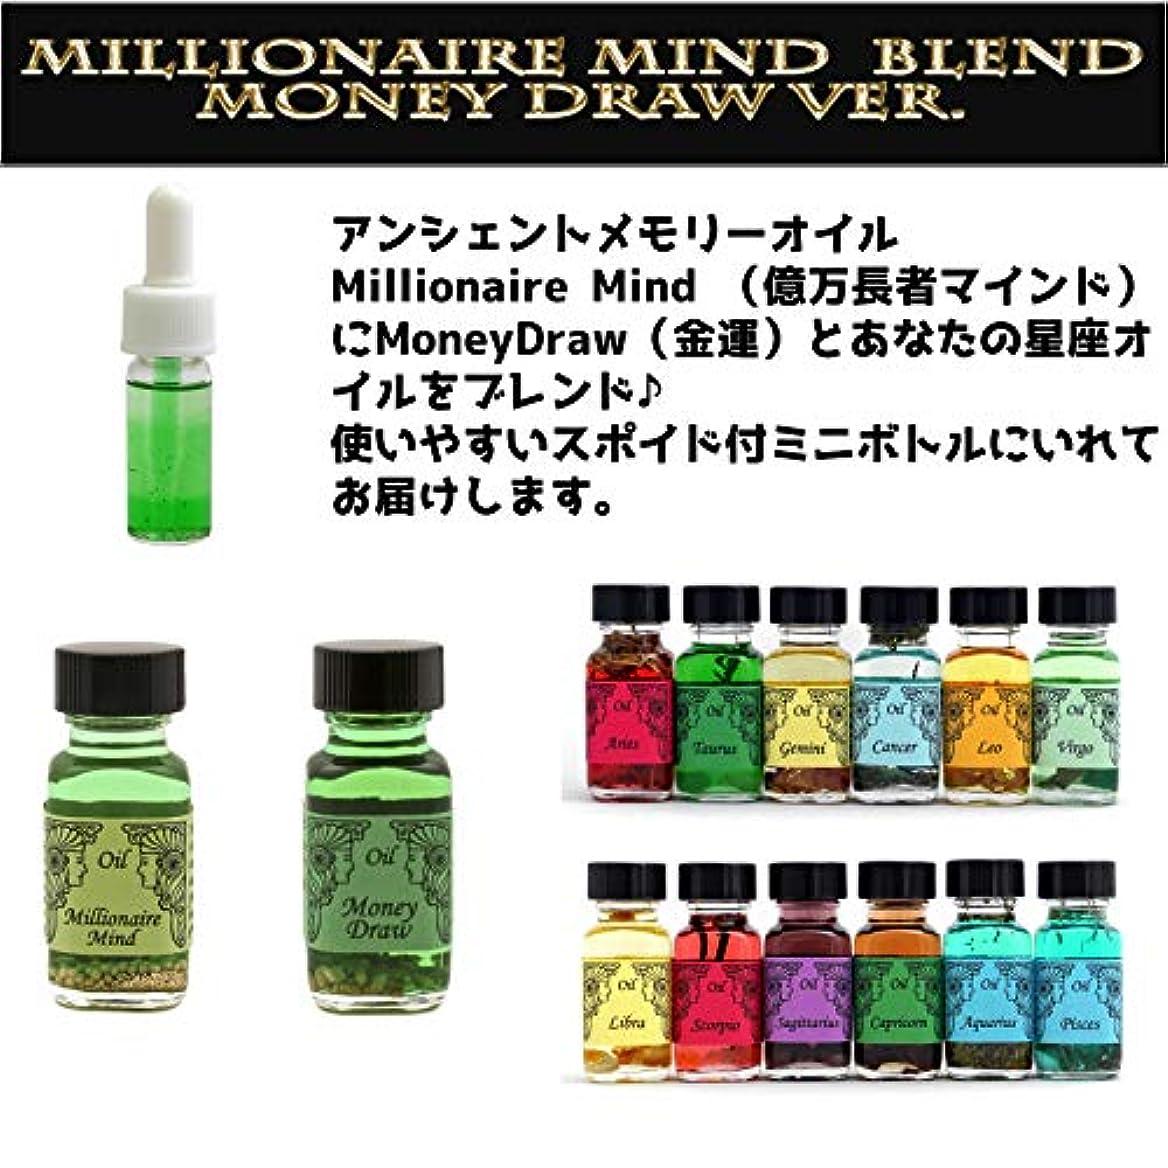 幸福自動化さびたアンシェントメモリーオイル Millionaire Mind 億万長者マインド ブレンド(Money Drawマネードロー(金運)&かに座